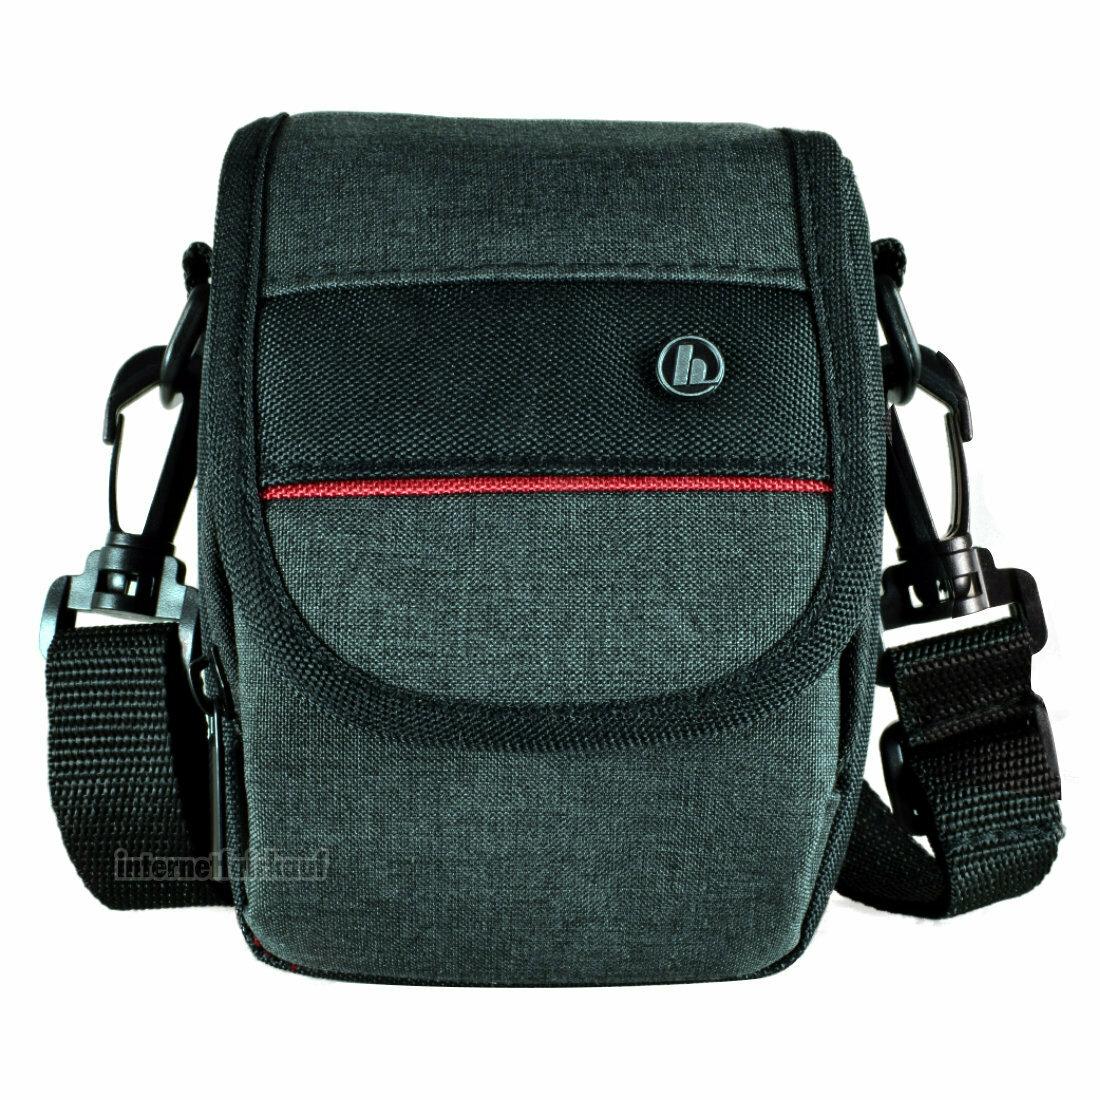 Hama Camcorder-Tasche Video-Tasche passend für Canon Legria HF R506